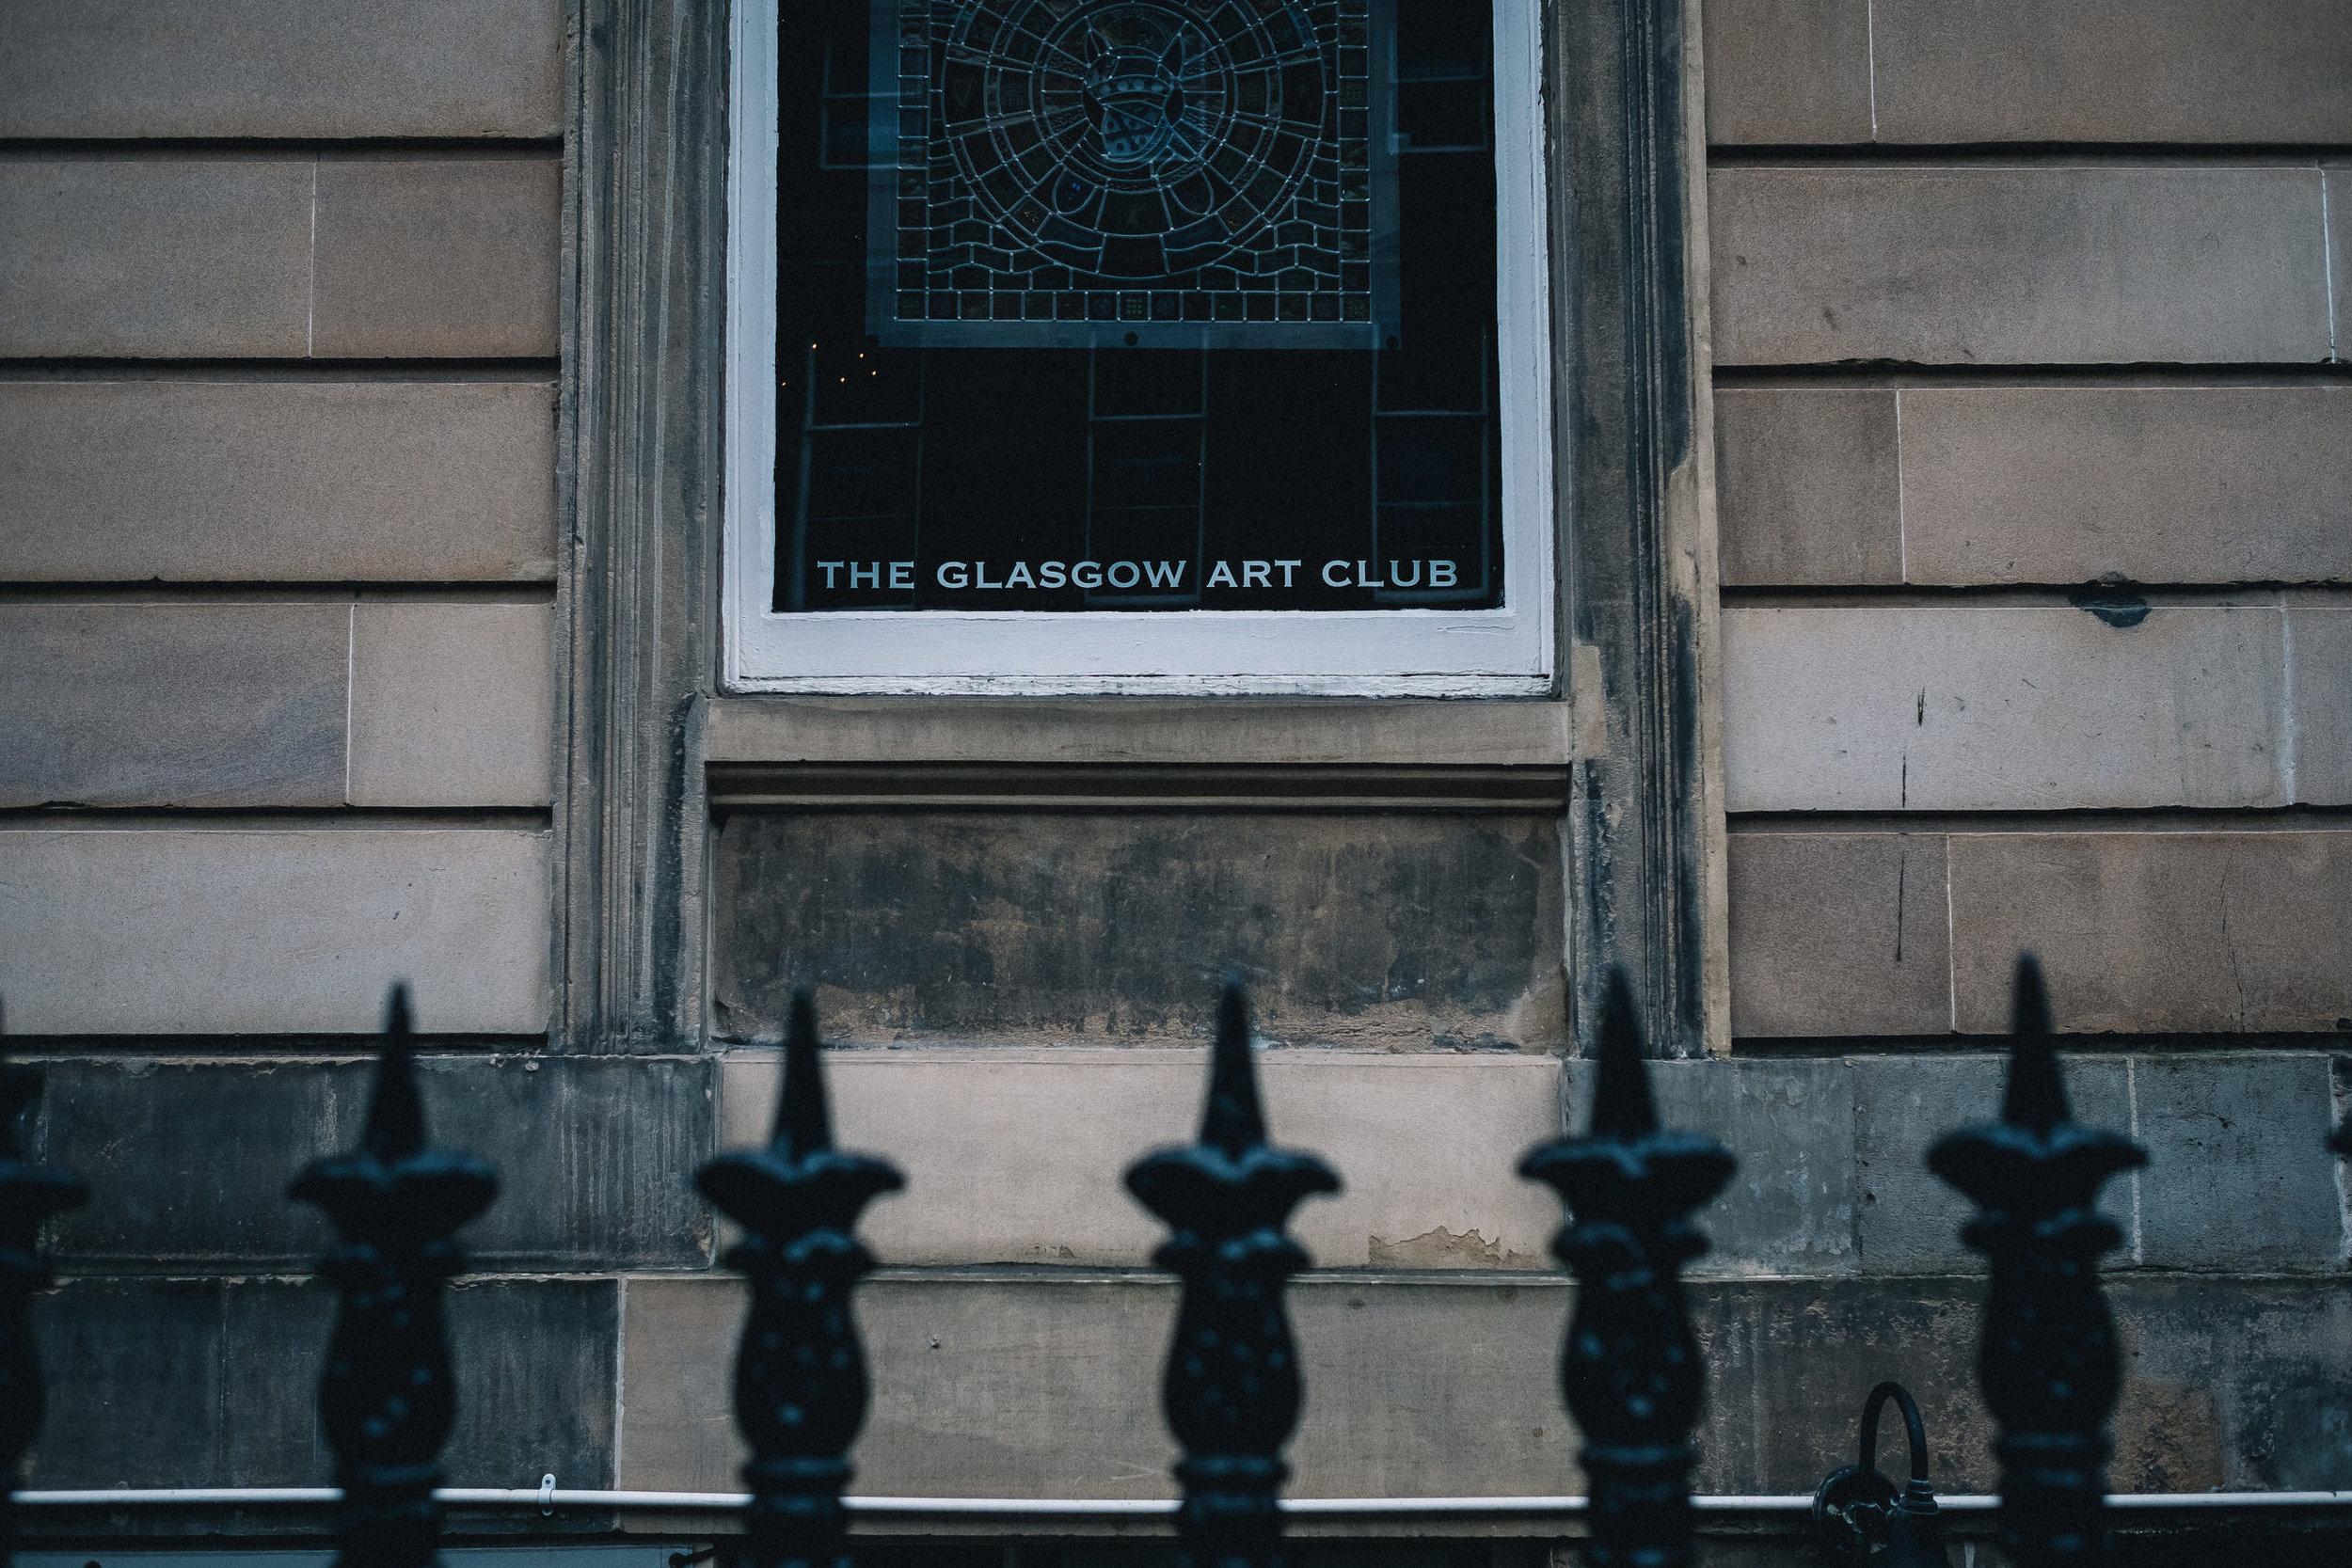 01-the-glasgow-art-club.JPG